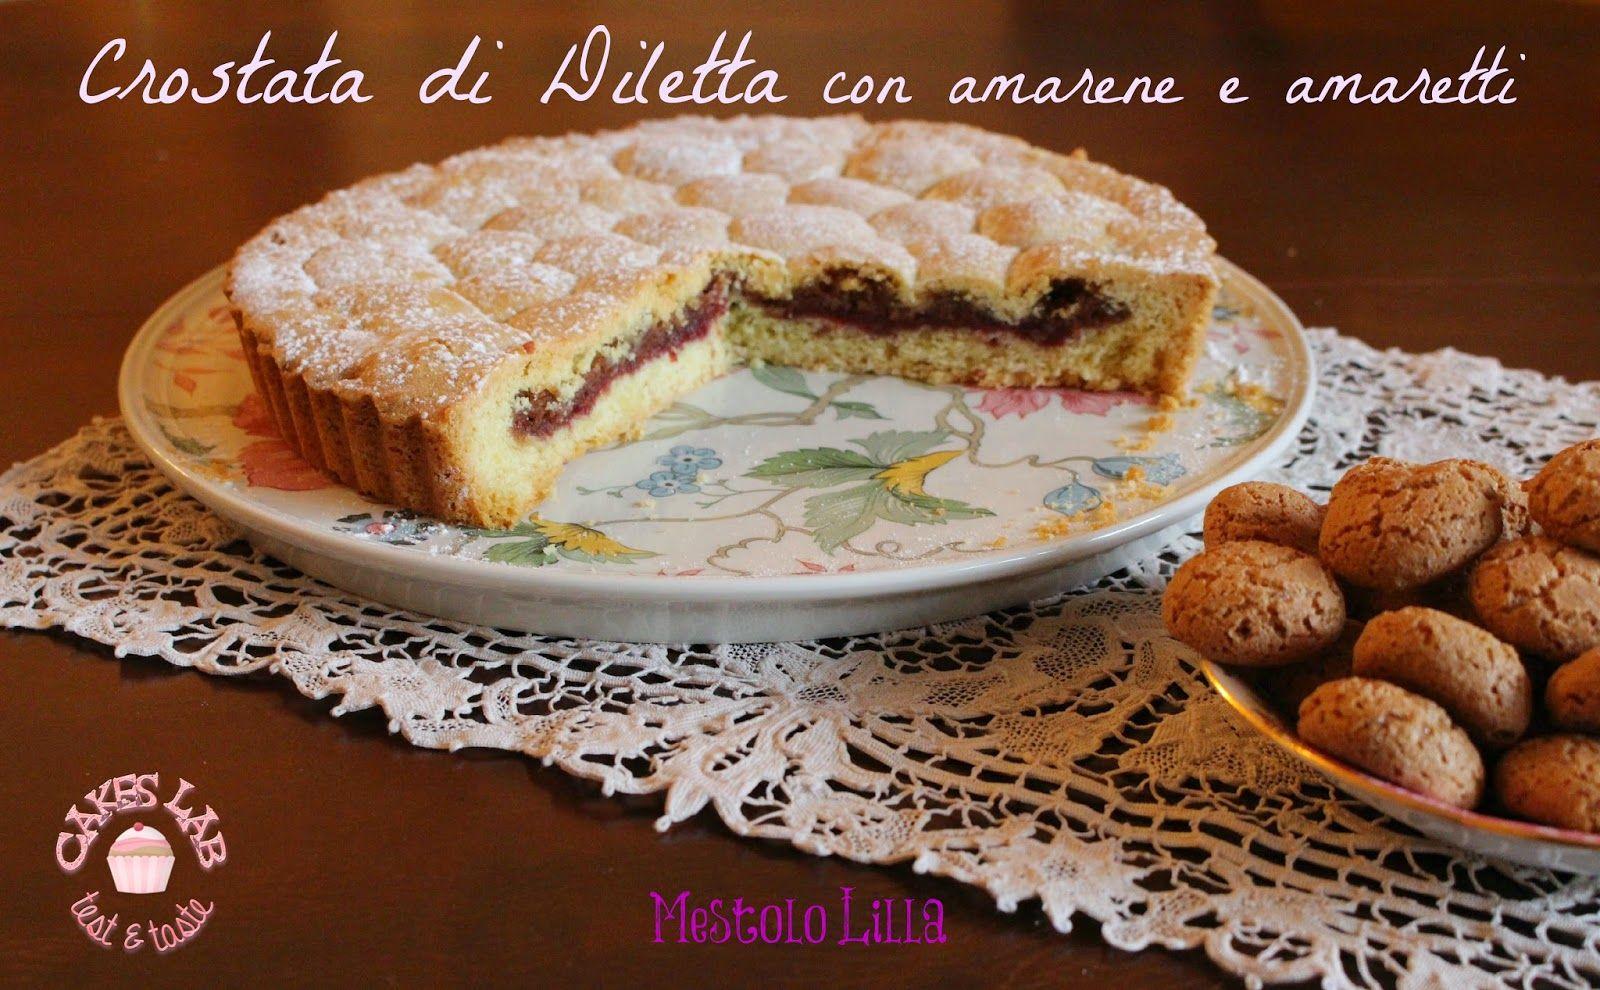 Cakes Lab Test&Taste: Crostata di Diletta con amarene e amaretti